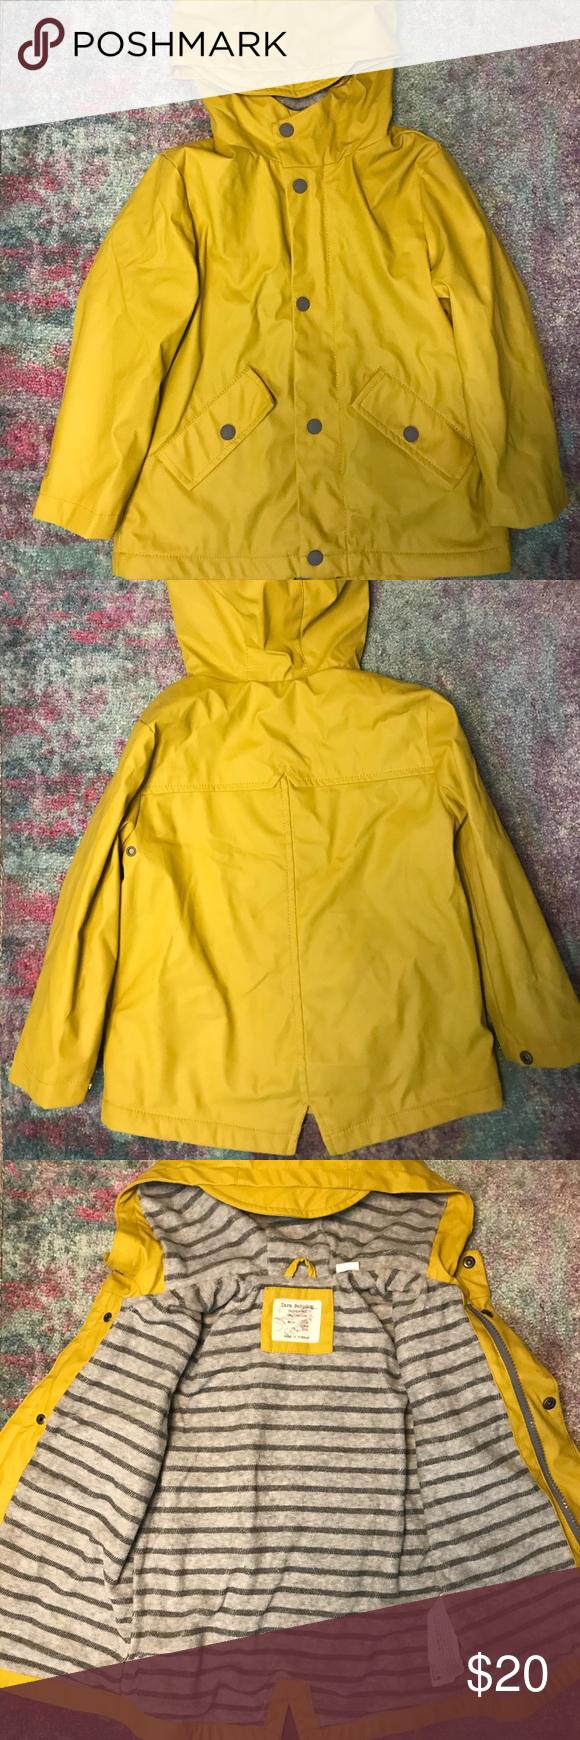 Zara Kids Raincoat Yellow raincoat SZ 3/4 Zara Jackets & Coats Raincoats ,  #Coats #Jackets #KIDS #raincoat #Raincoats #Yellow #ZARA #zarakidsshop